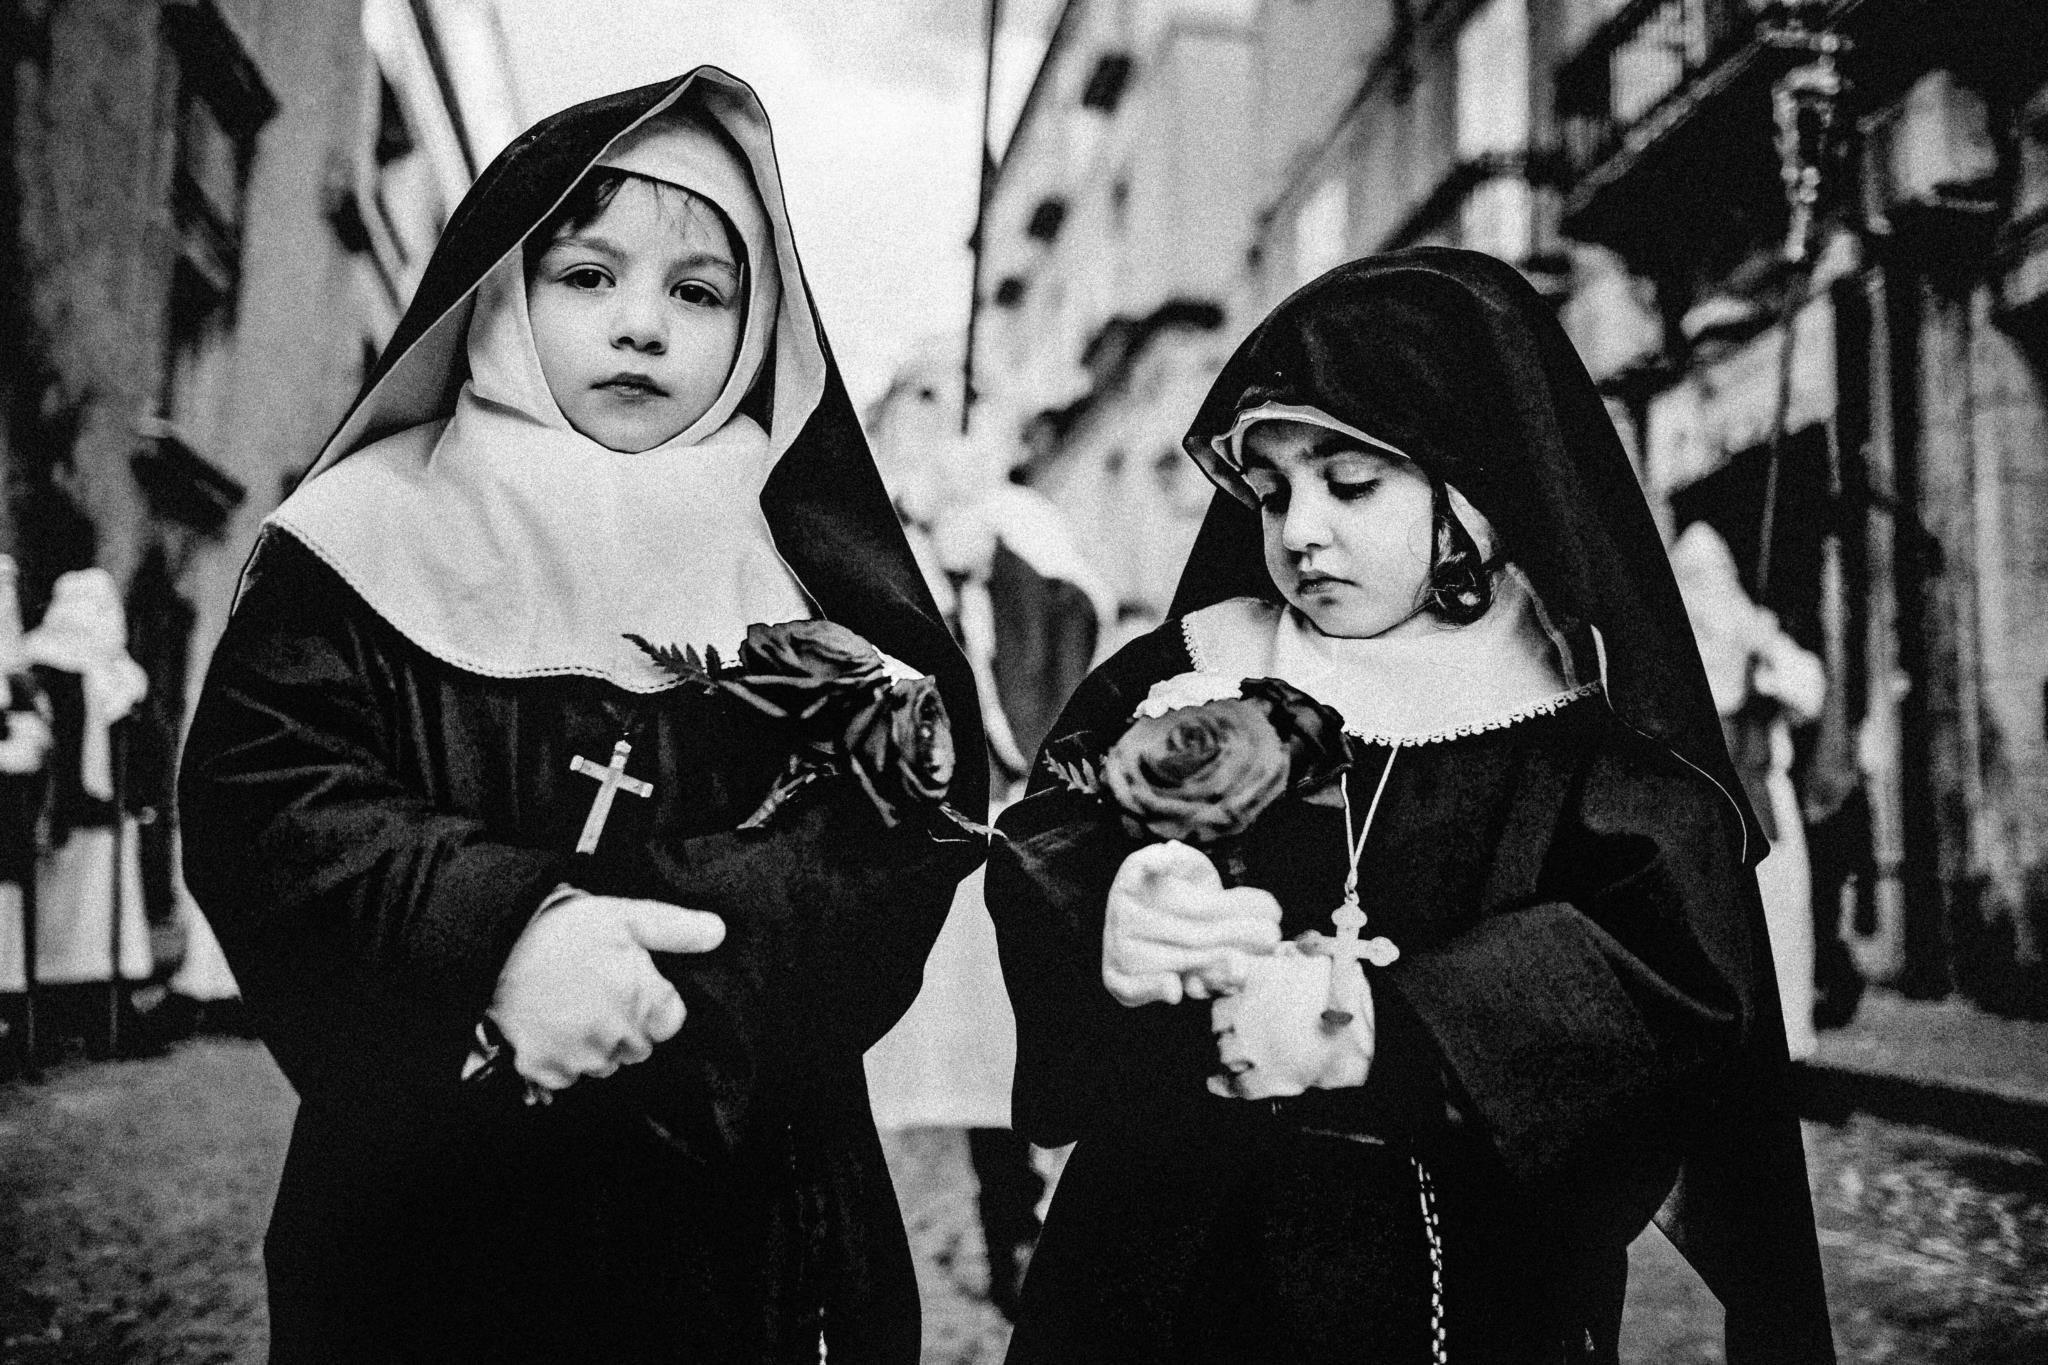 Sexta-feira Santa na cidade de Enna (1.º prémio - Itália)